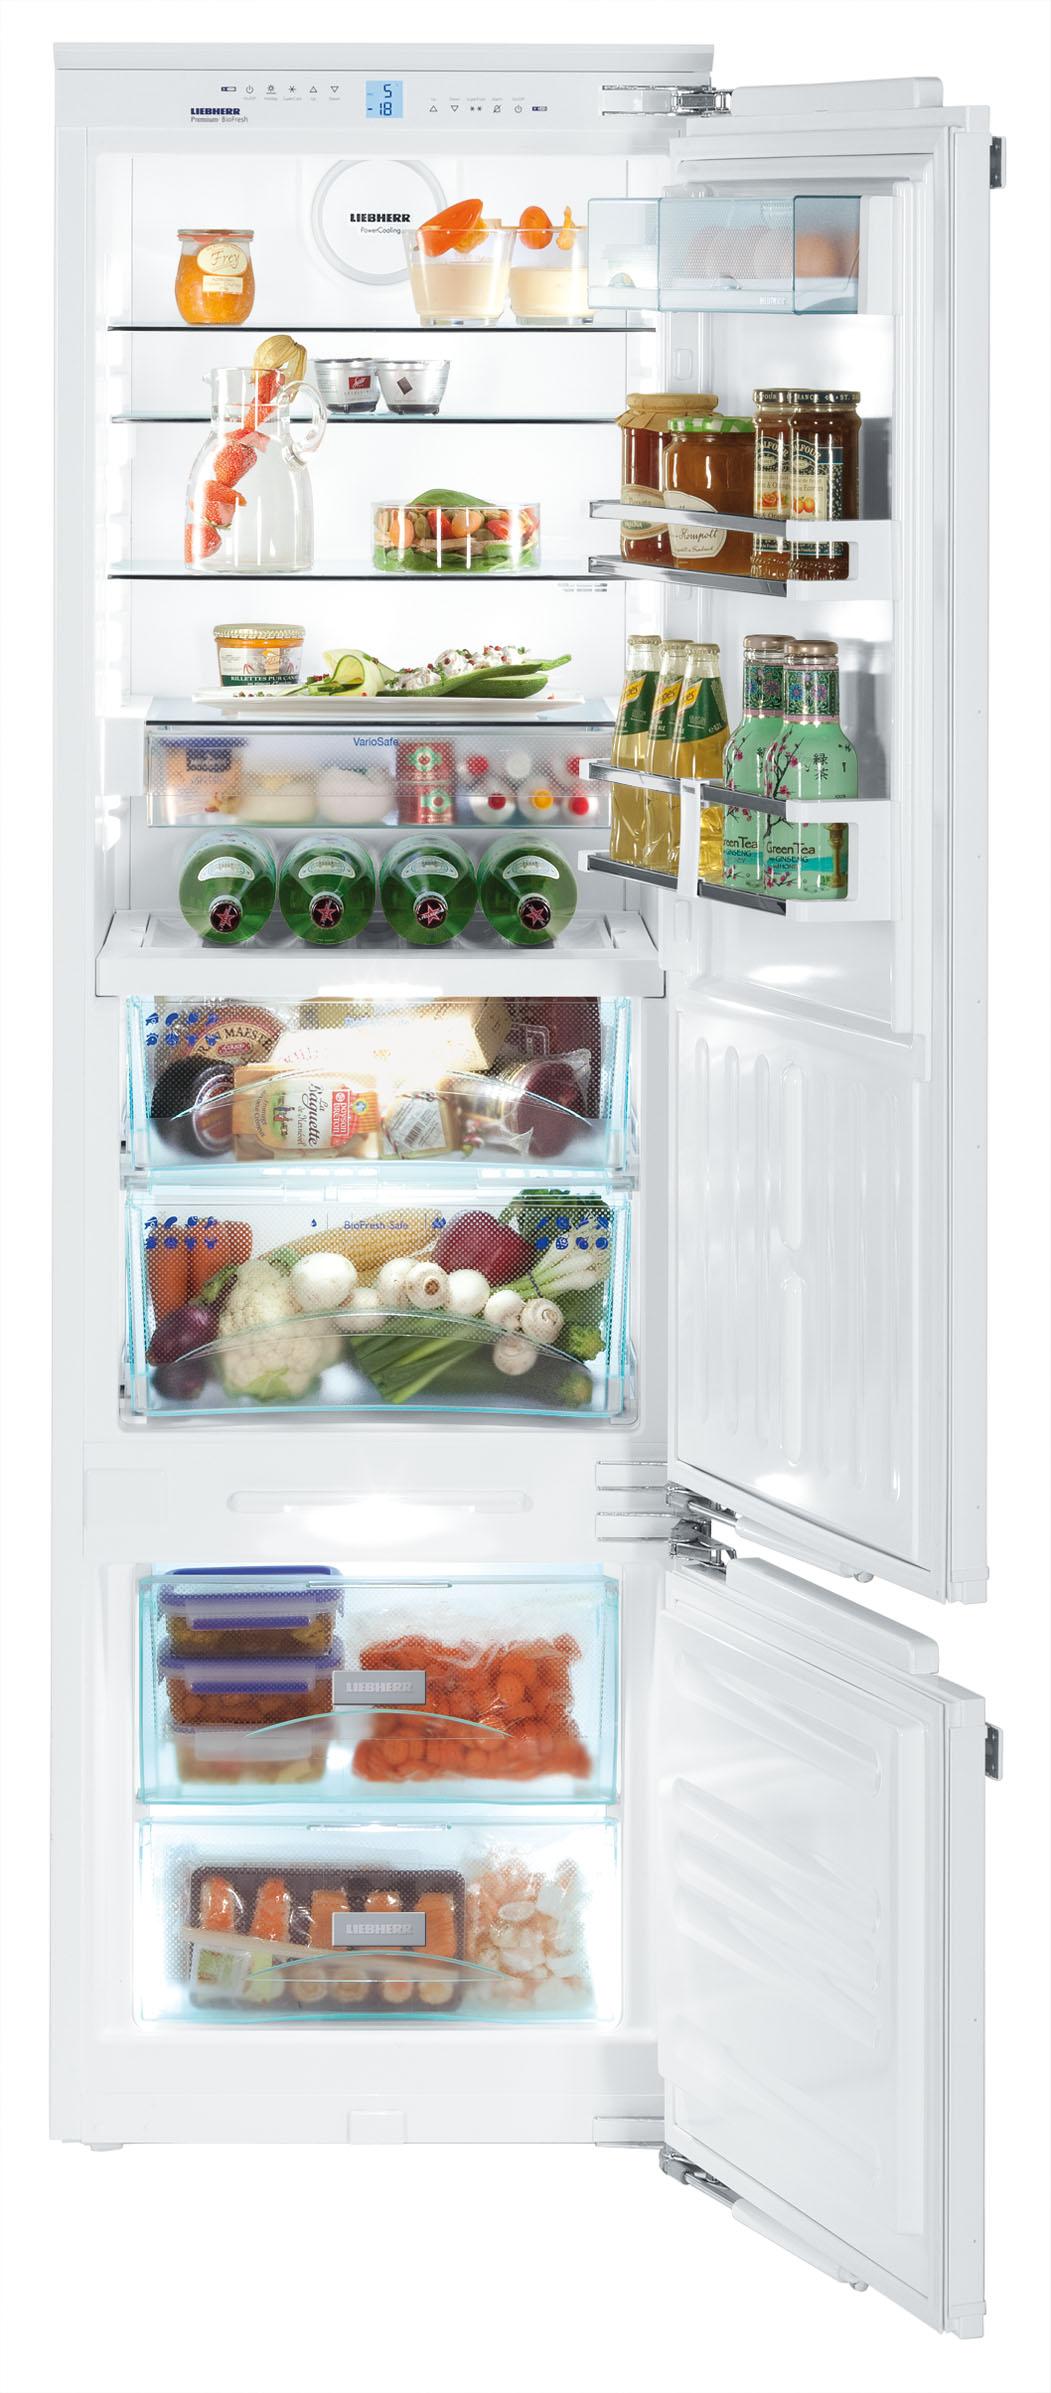 vestavná kombinovaná lednice LIEBHERR ICBP 3256 zapojení zdarma